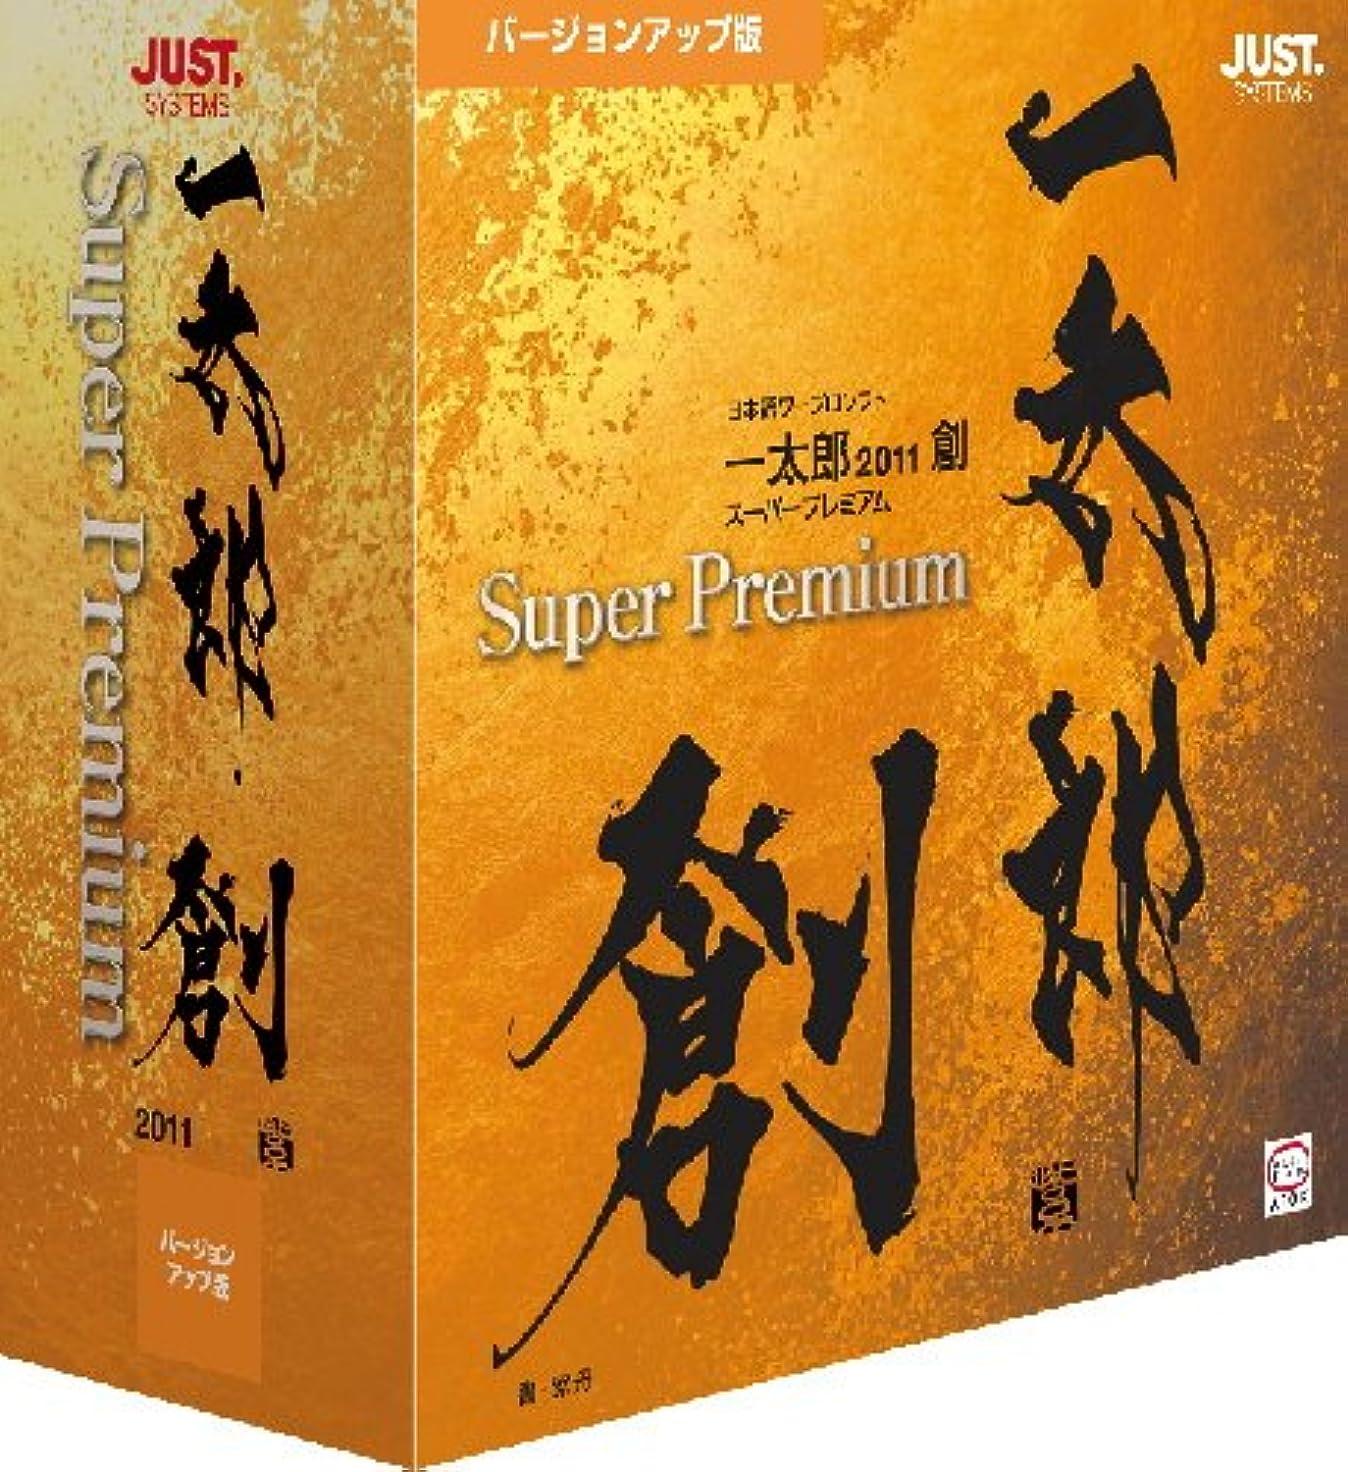 配分竜巻基礎理論一太郎2011 創 スーパープレミアム バージョンアップ版